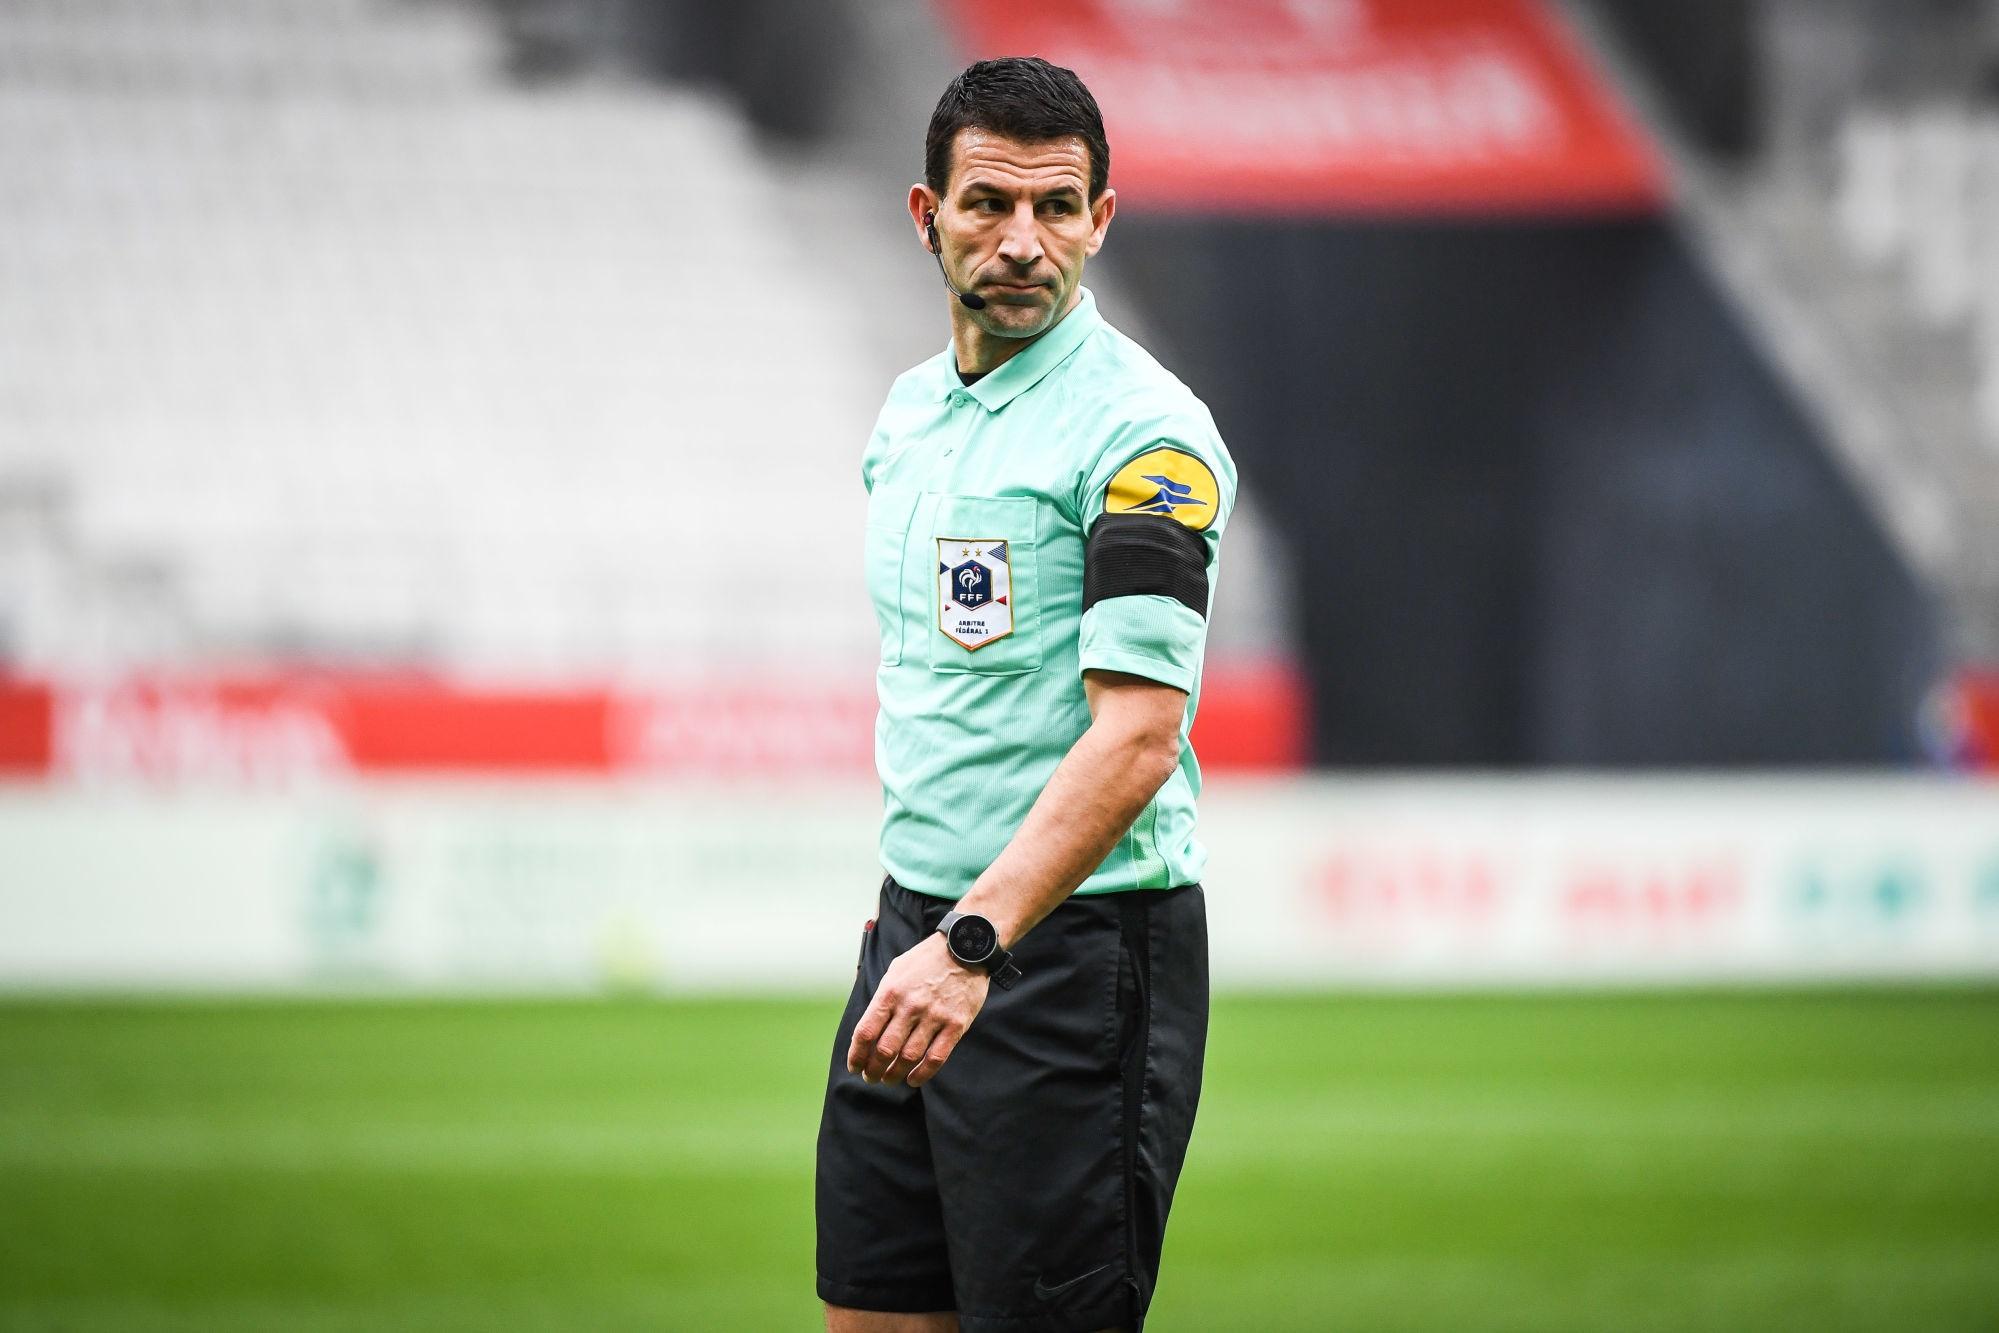 Lorient/PSG - Stinat arbitre de la rencontre, peu de cartons beaucoup de penaltys